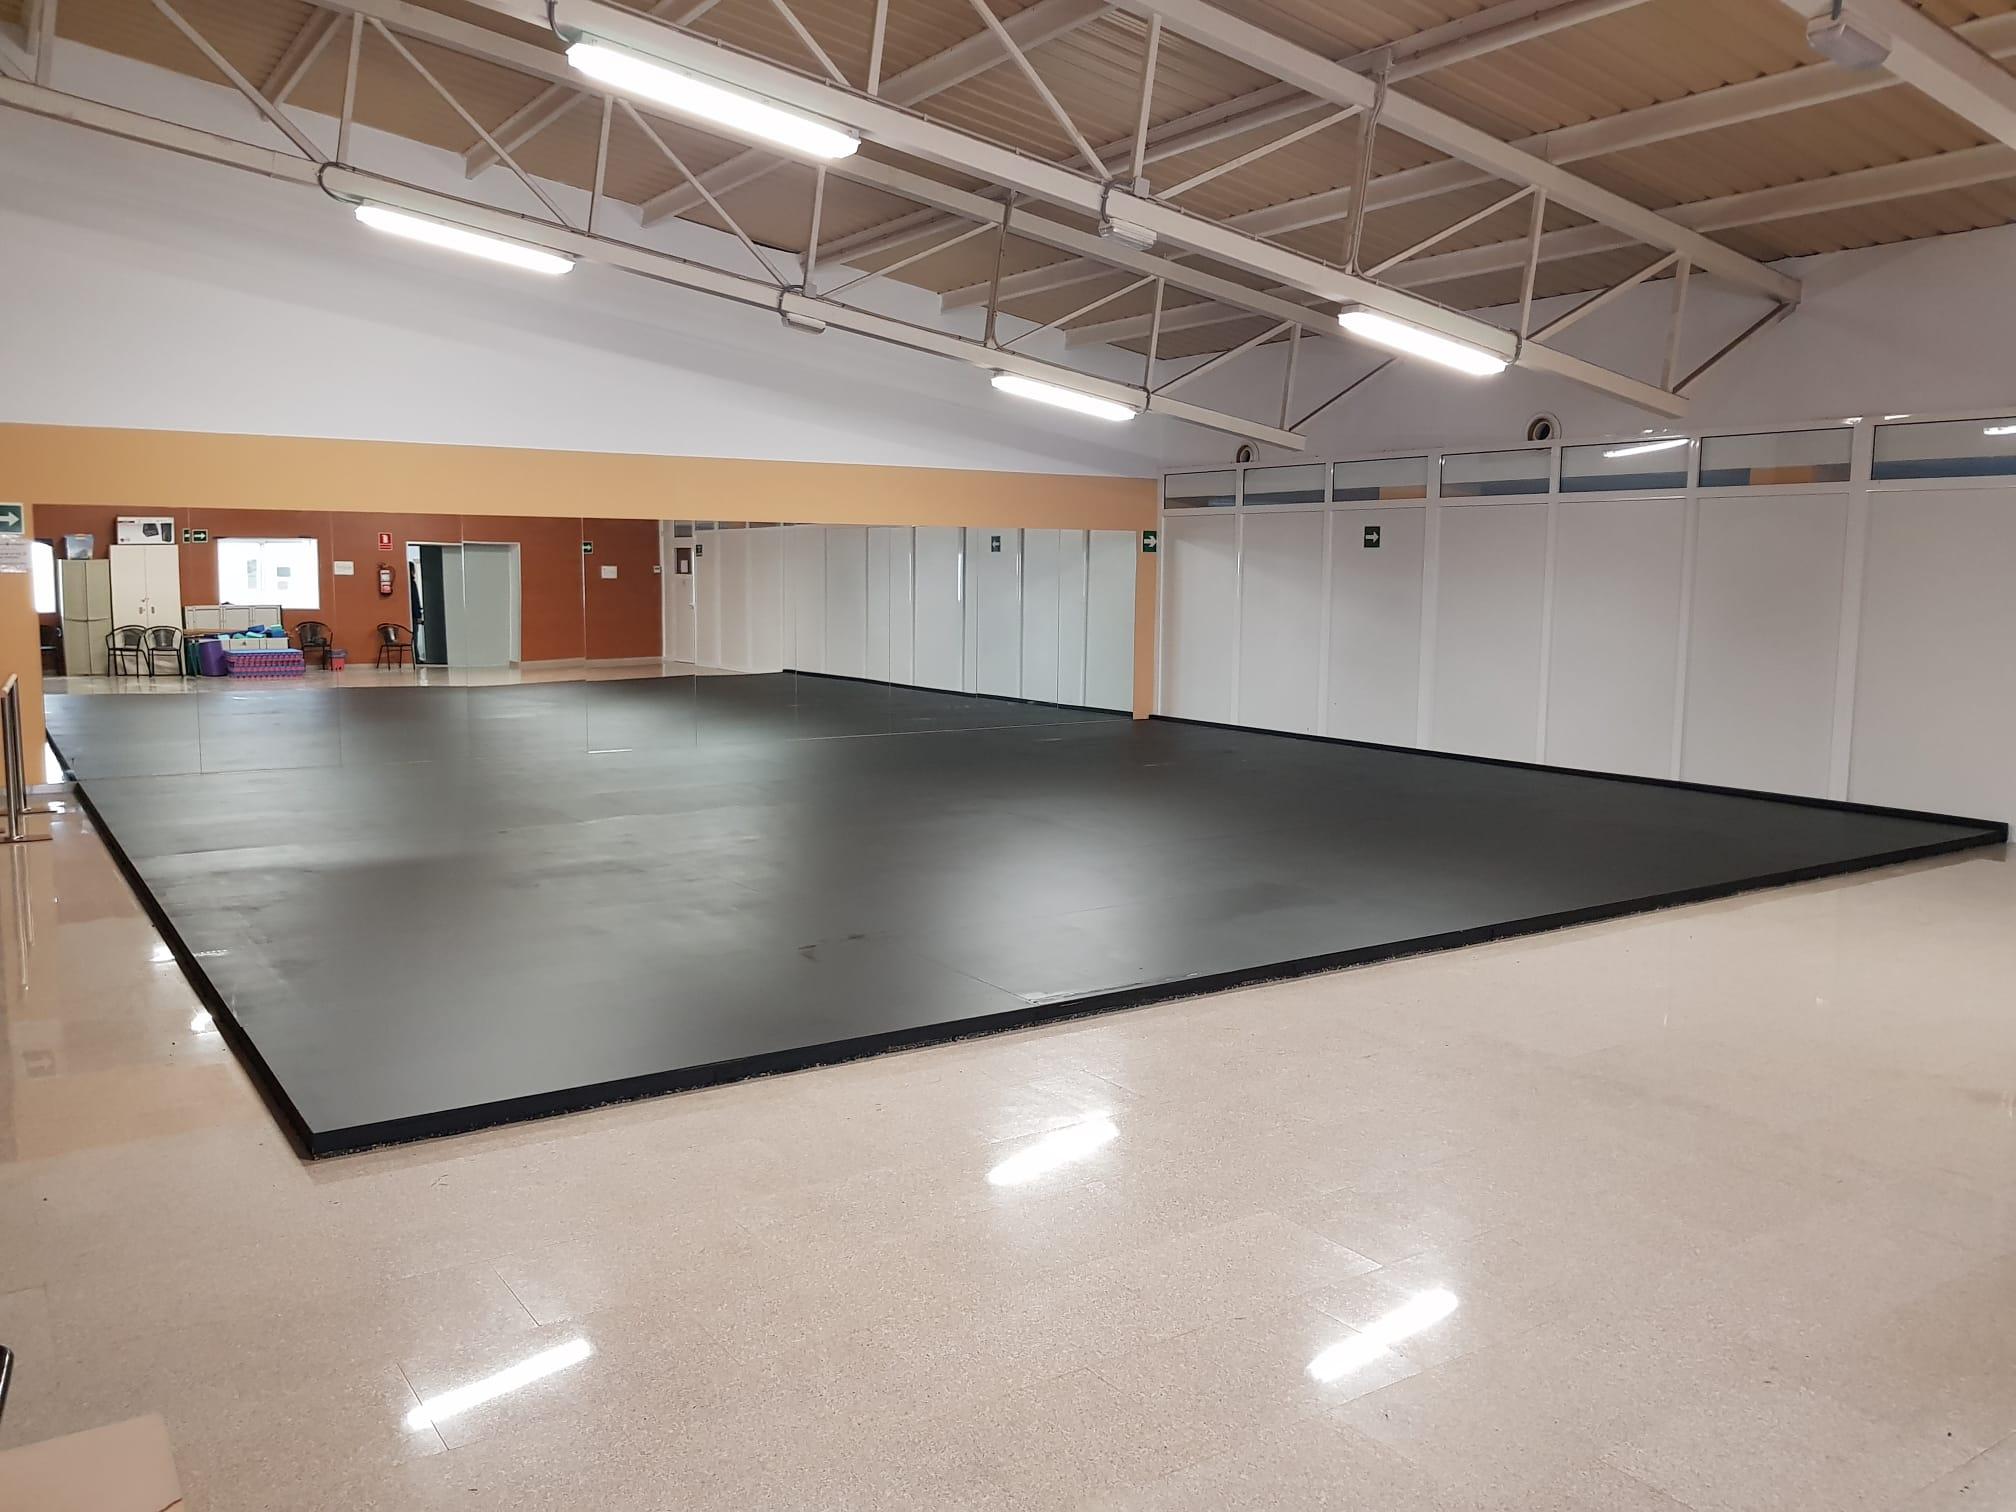 La sala de los espejos de la Casa de la Cultura se acondiciona con una tarima de 80 metros cuadrados